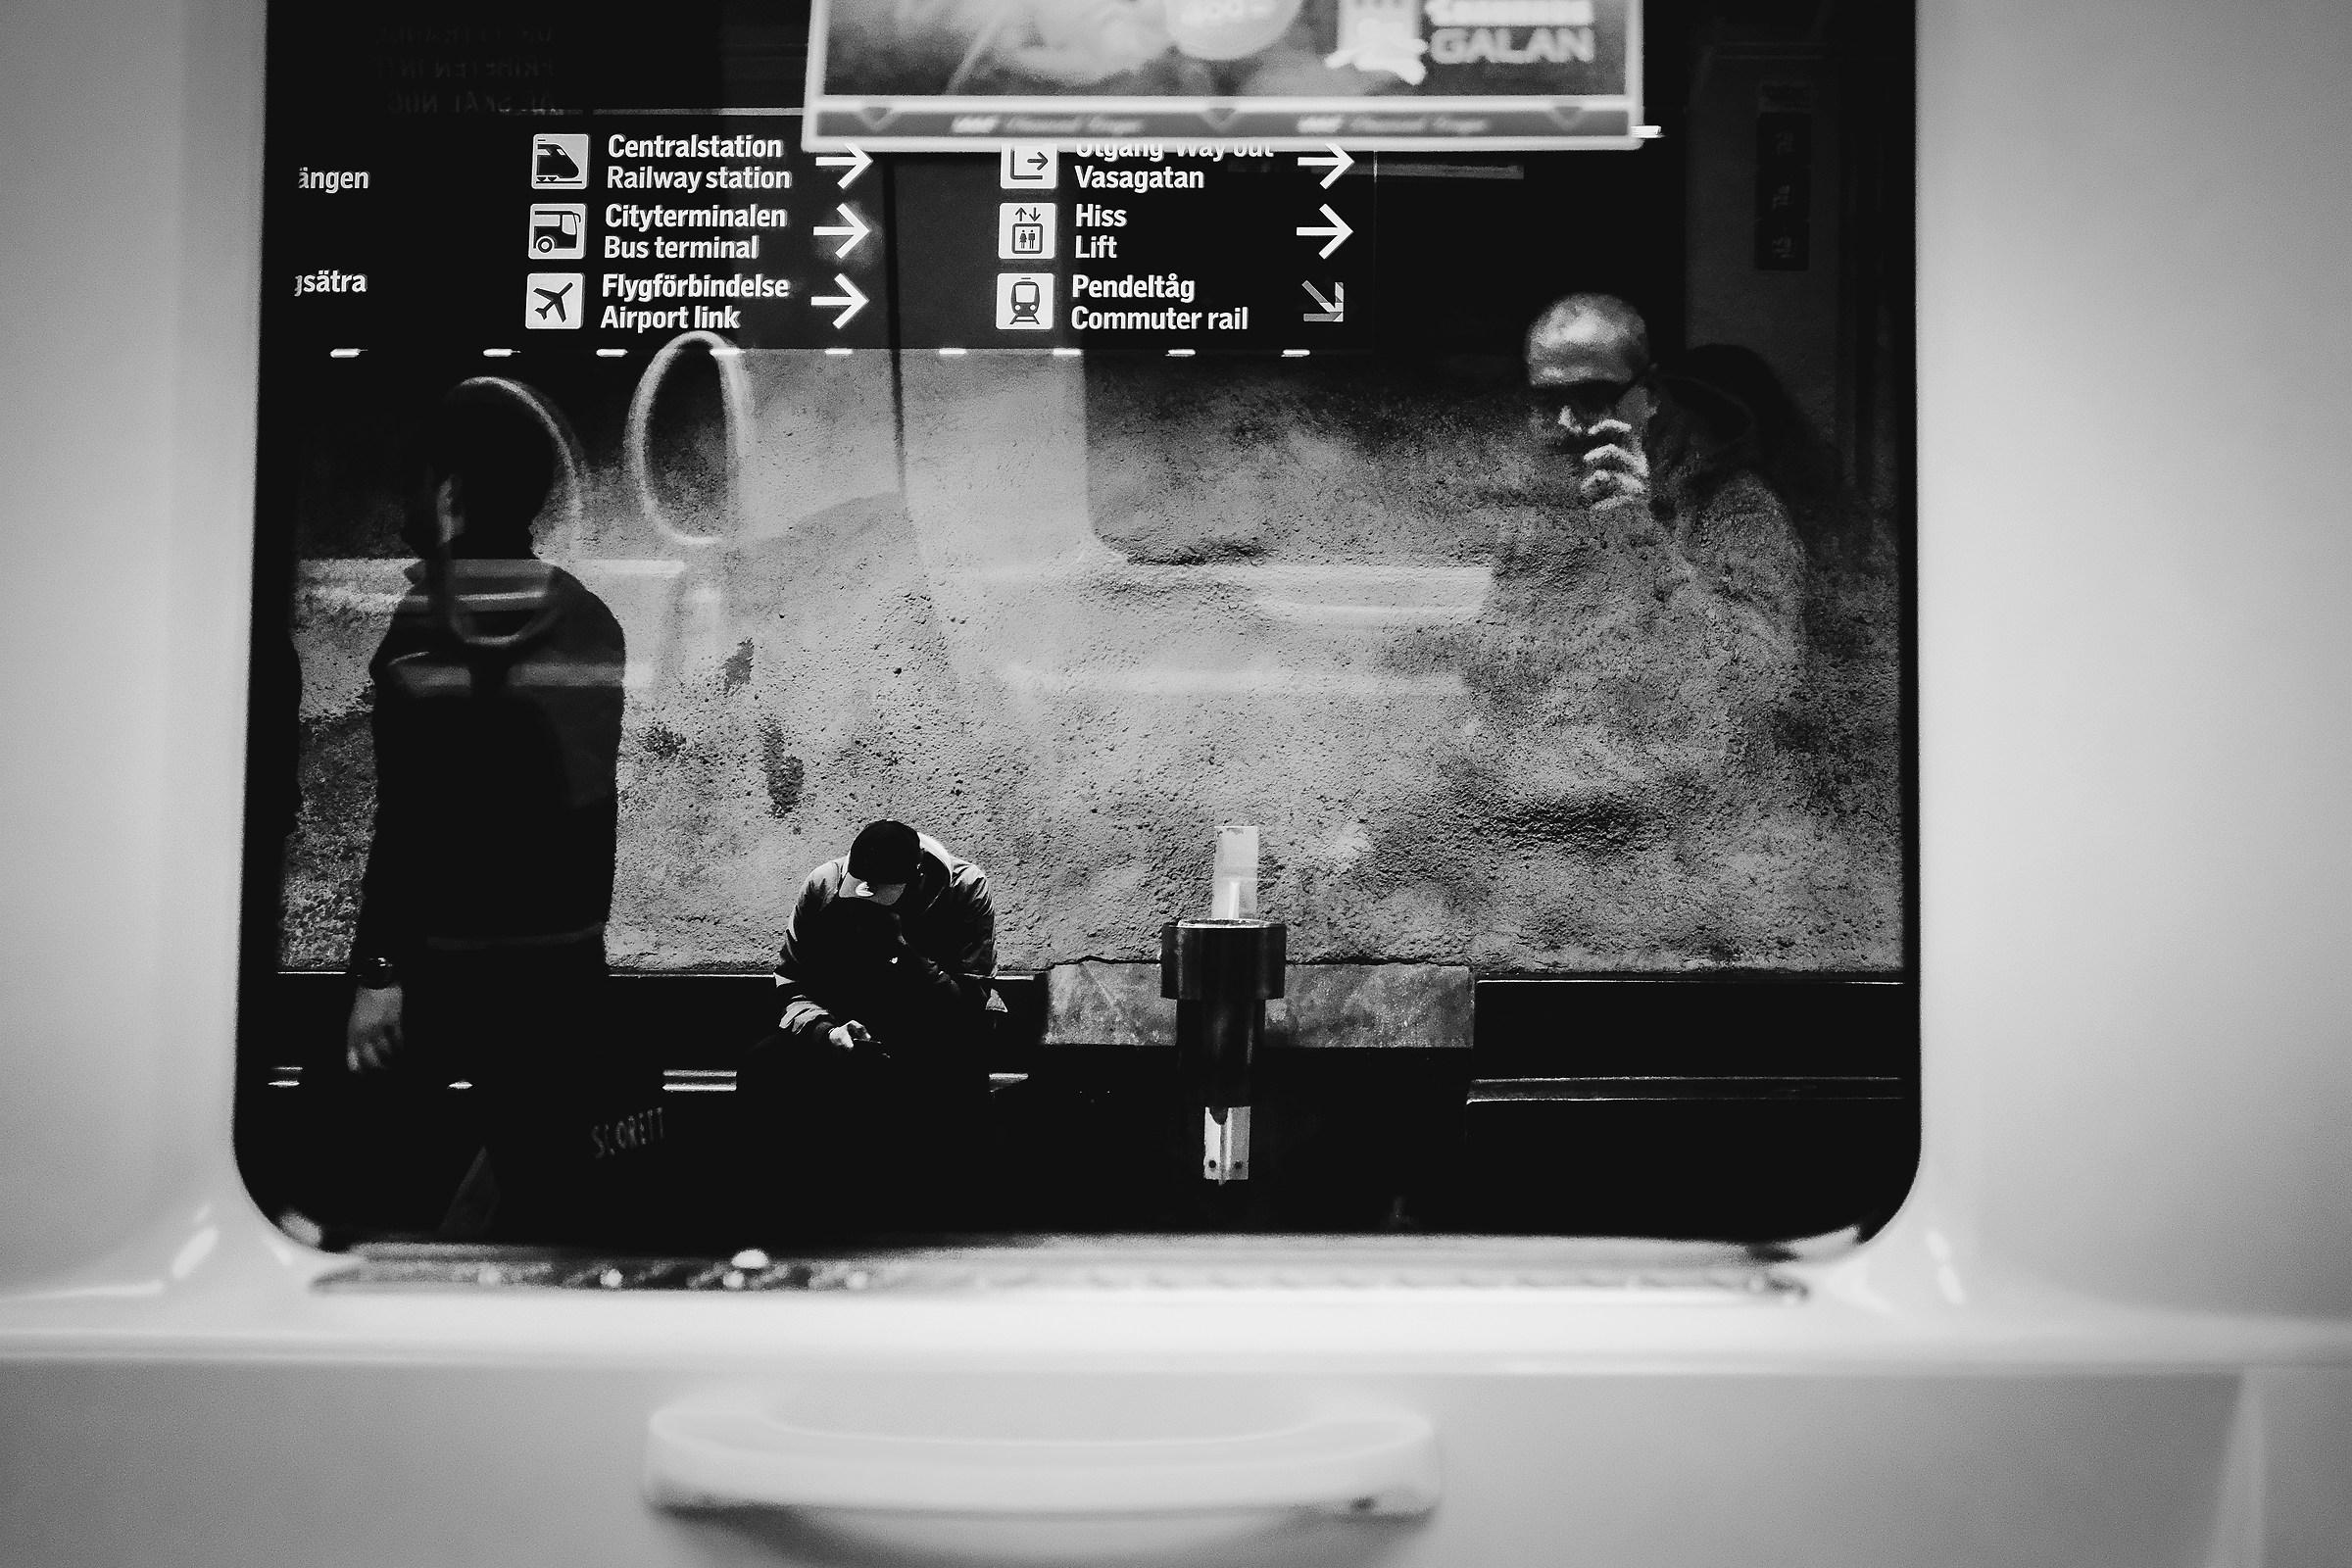 Centralstation...